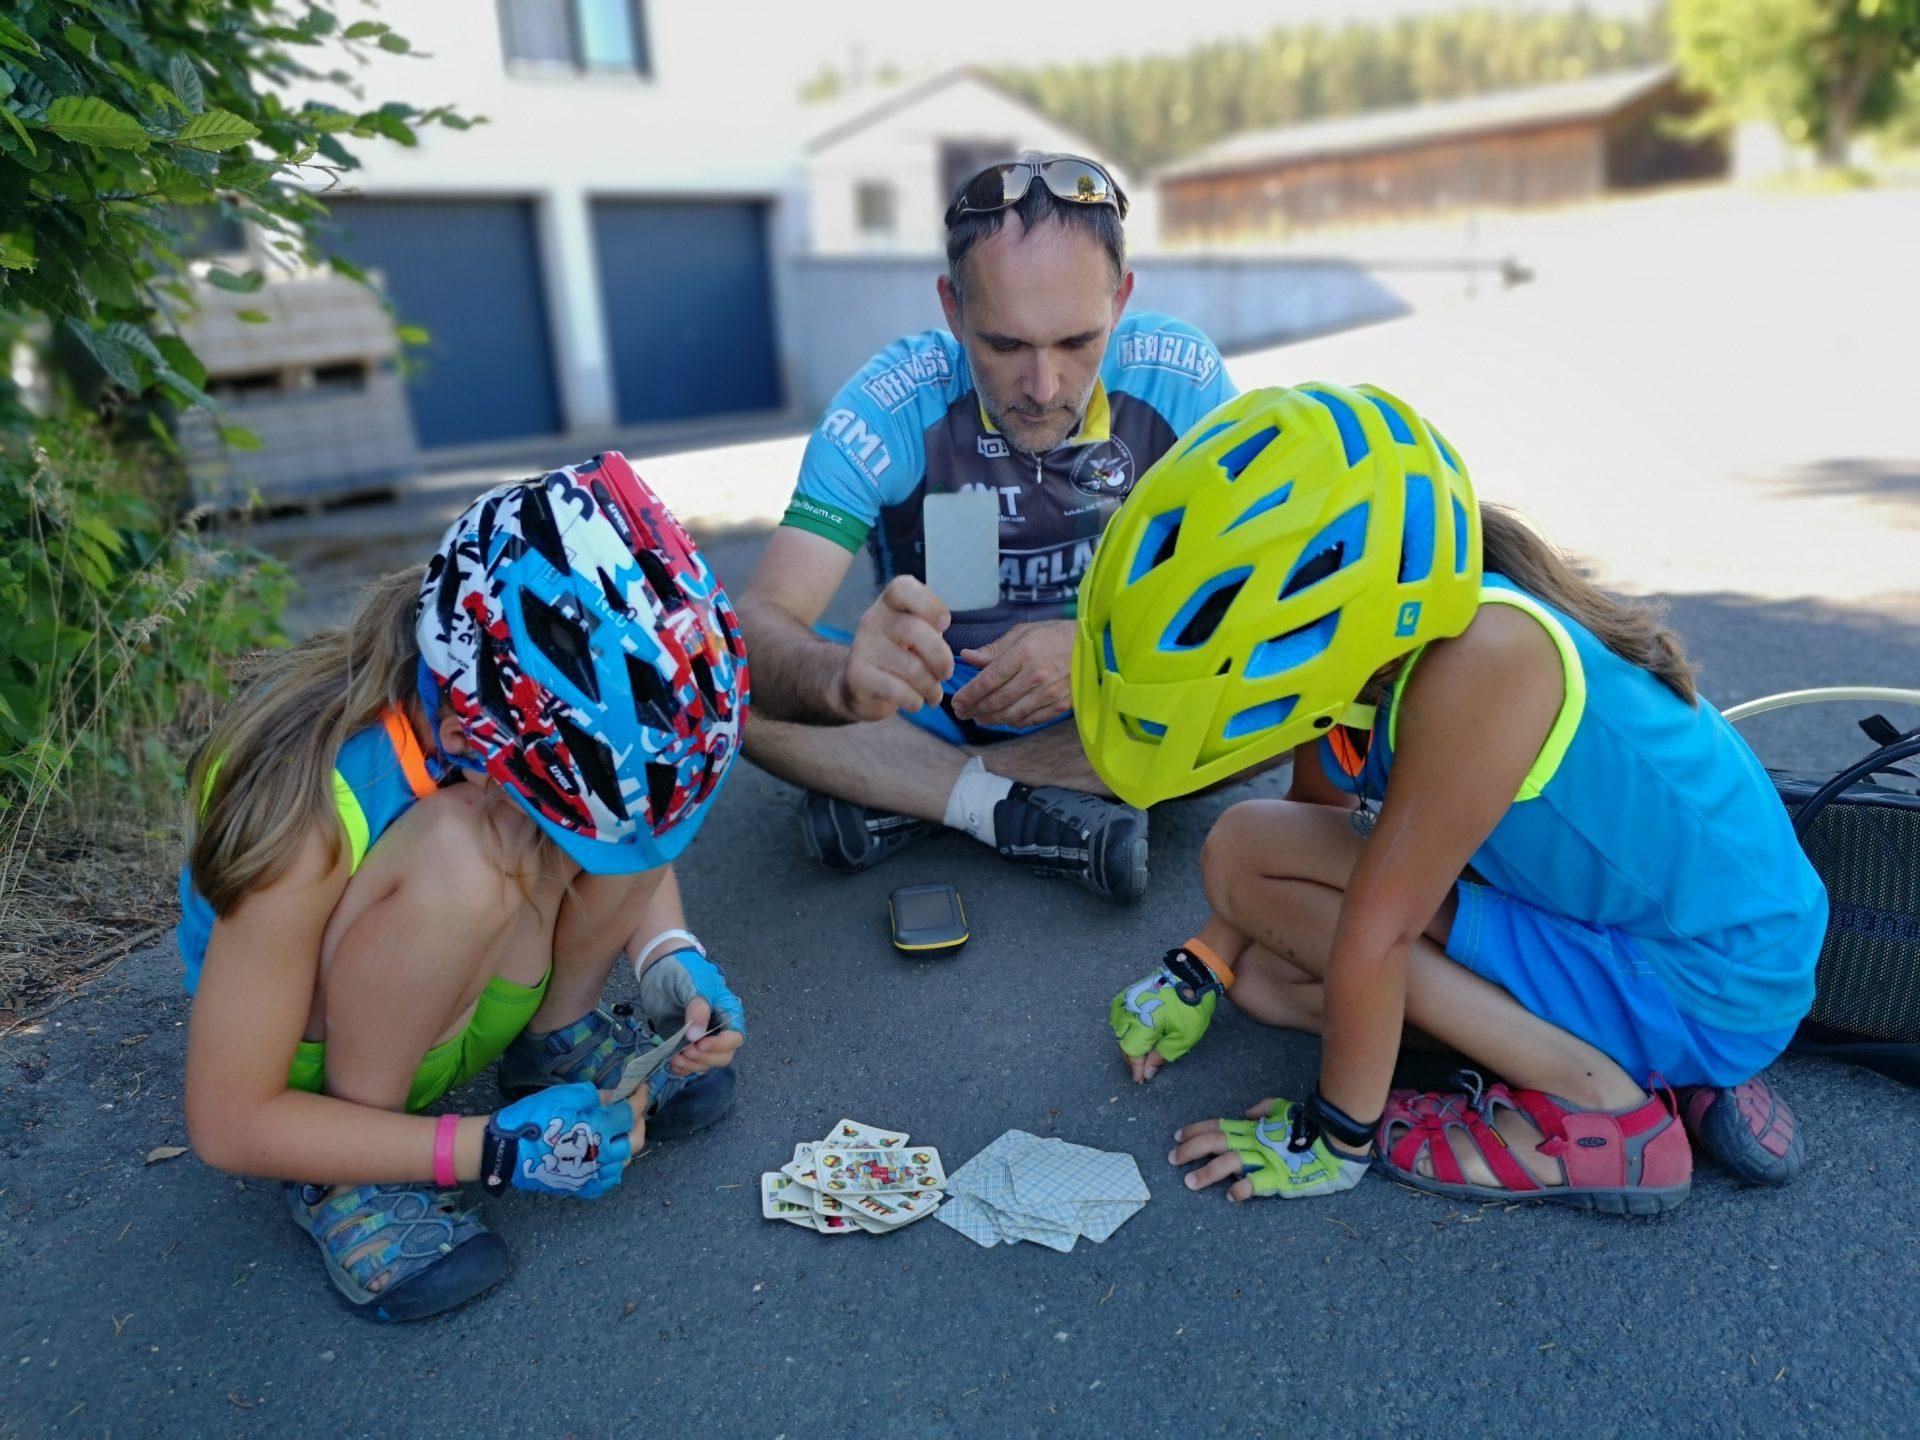 Obyčejné karty představují vhodný způsob zpestření dovolené na kole.